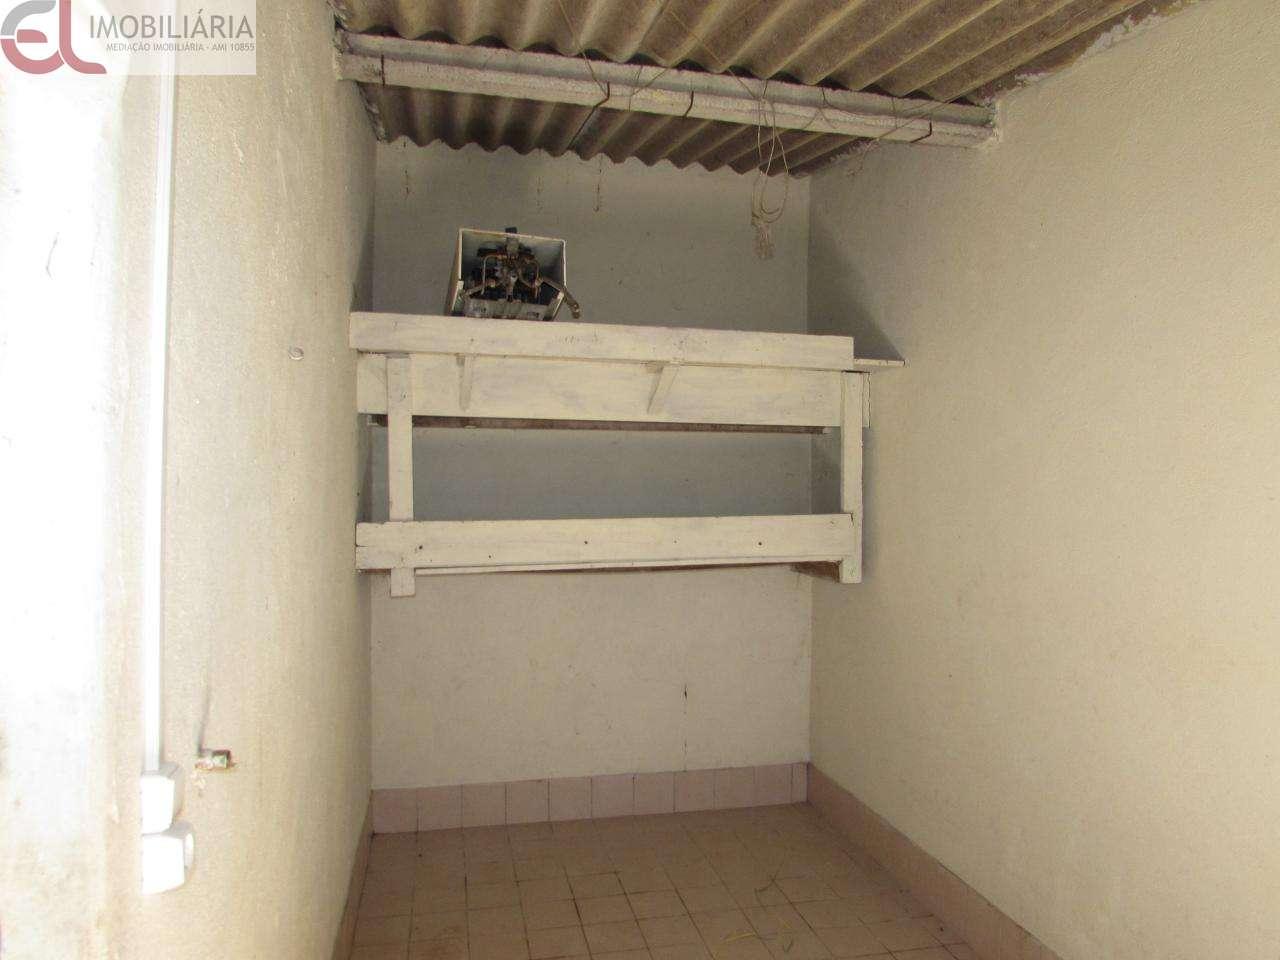 Apartamento para arrendar, Darque, Viana do Castelo - Foto 6